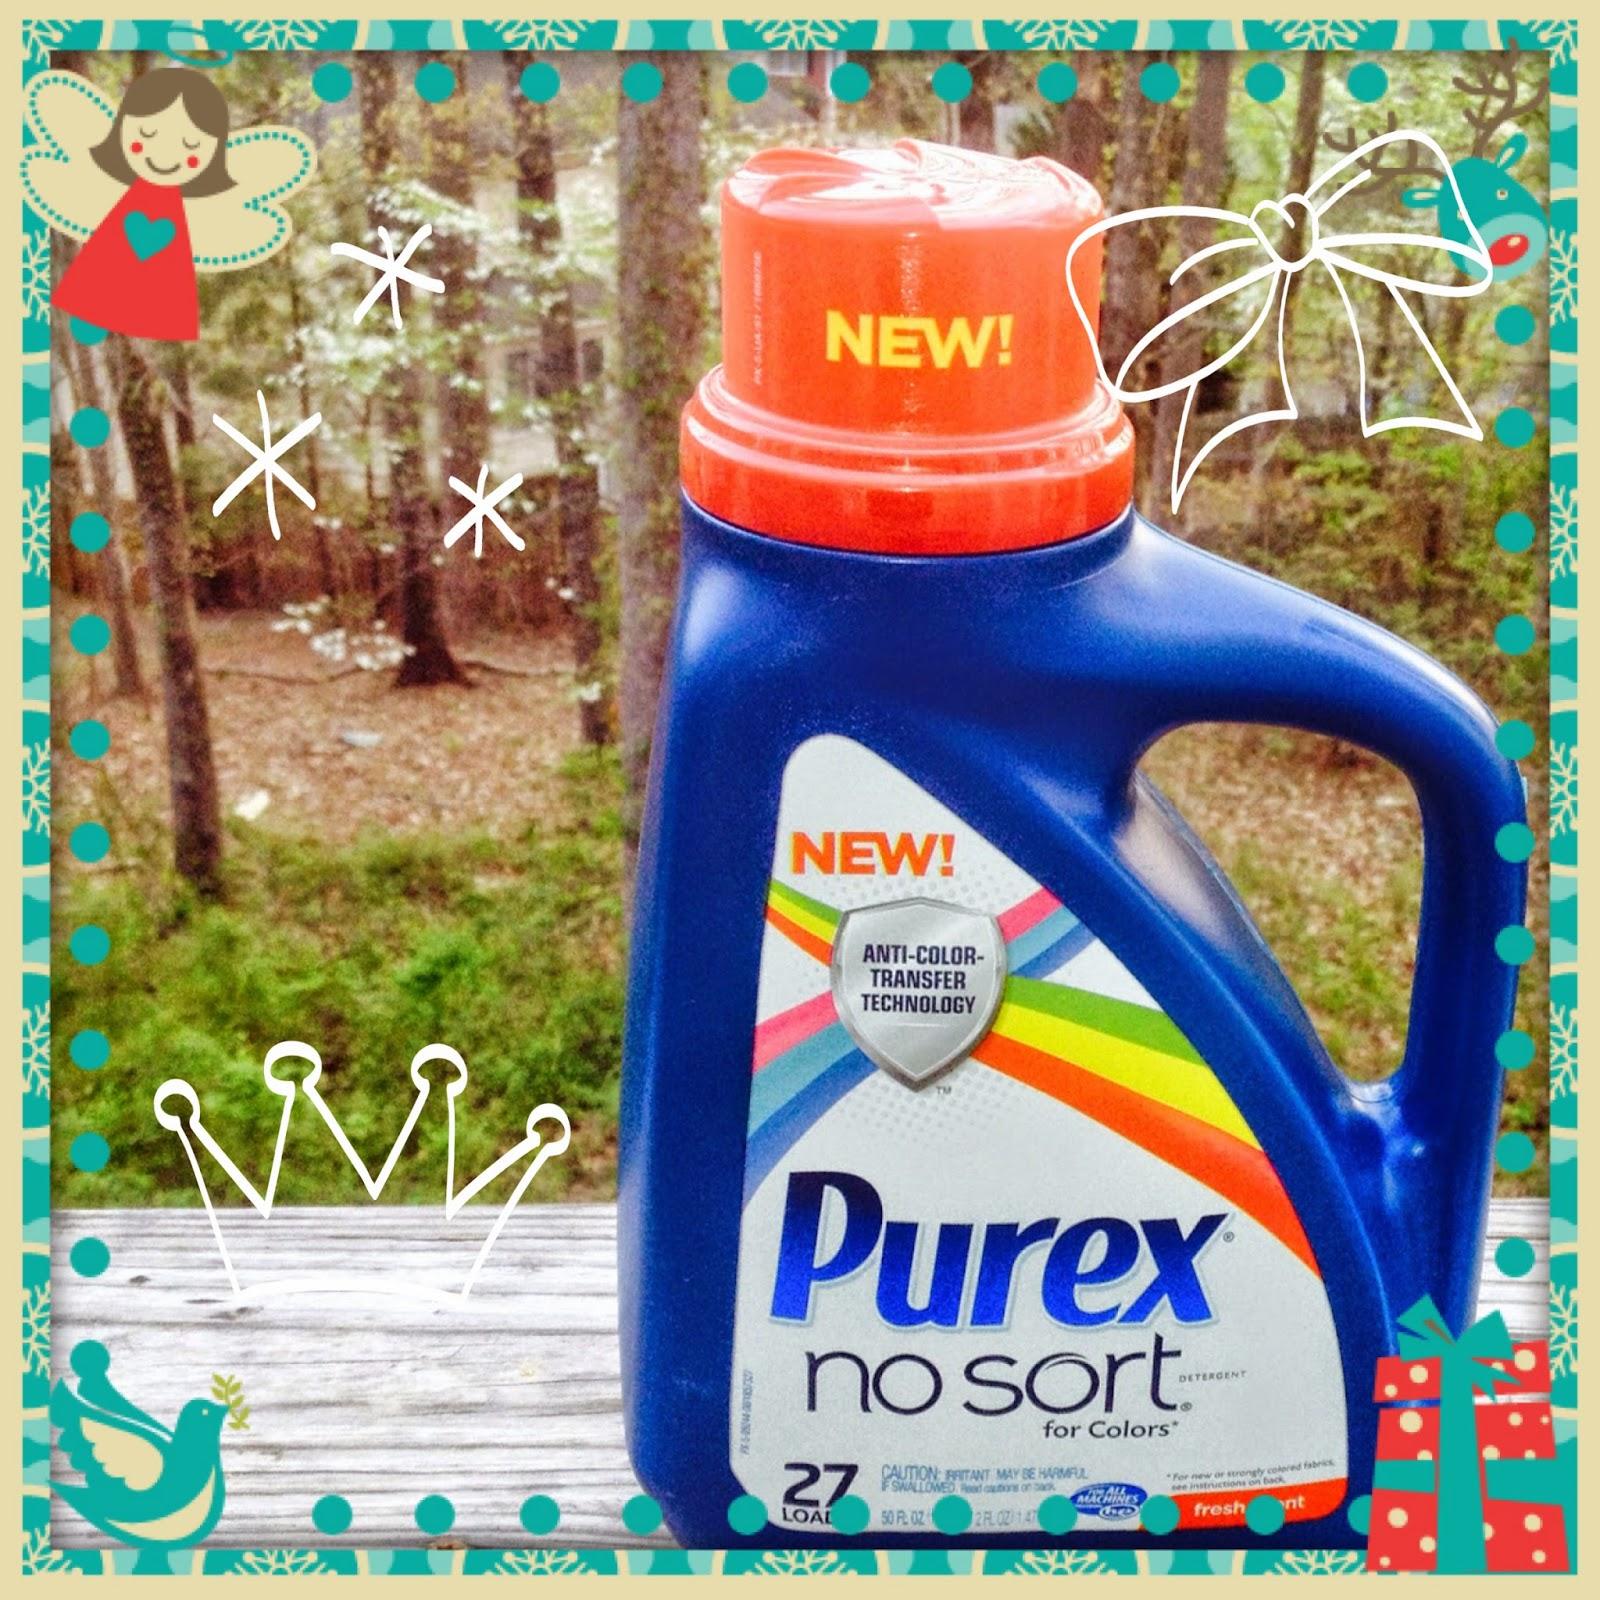 Purex No sort giveaway winners